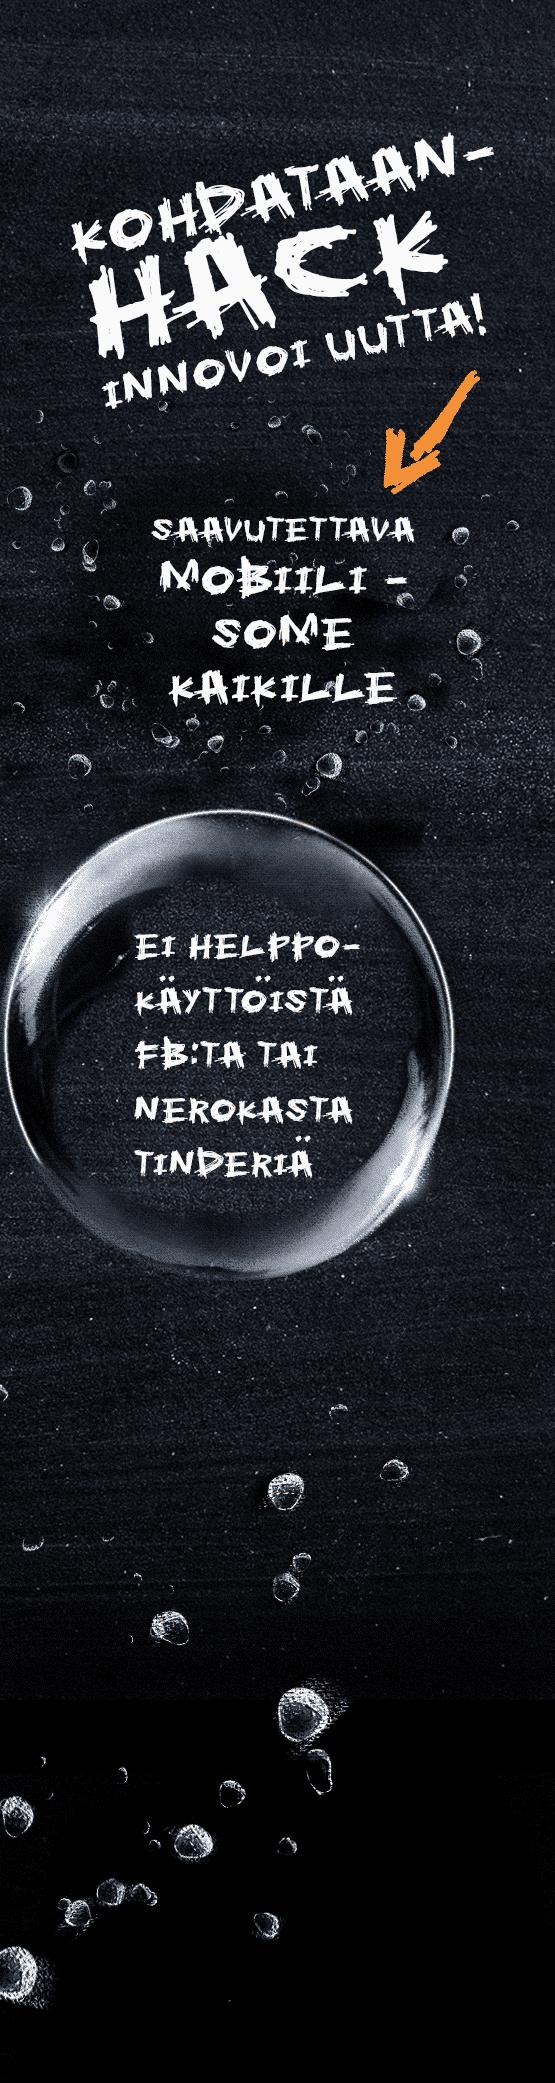 Kuvassa on liitutaulumainen vaikutelma, jossa on valkoista käsinkirjoitetun näköistä tekstiä mustalla pohjalla. Tekstissä lukee: KOHDATAAN-HACK INNOVOI UUTTA. Tekstin alapuolella on saippuakupla, jonka sisällä lukee: EI HELPPOKÄYTTÖISTÄ FB:TÄ TAI NEROKASTA TINDERIÄ. Kuplan alapuolella on teksti, jota osoittaa oranssi nuoli. Tekstissä lukee: SAAVUTETTAVA MOBIILISOME KAIKILLE.